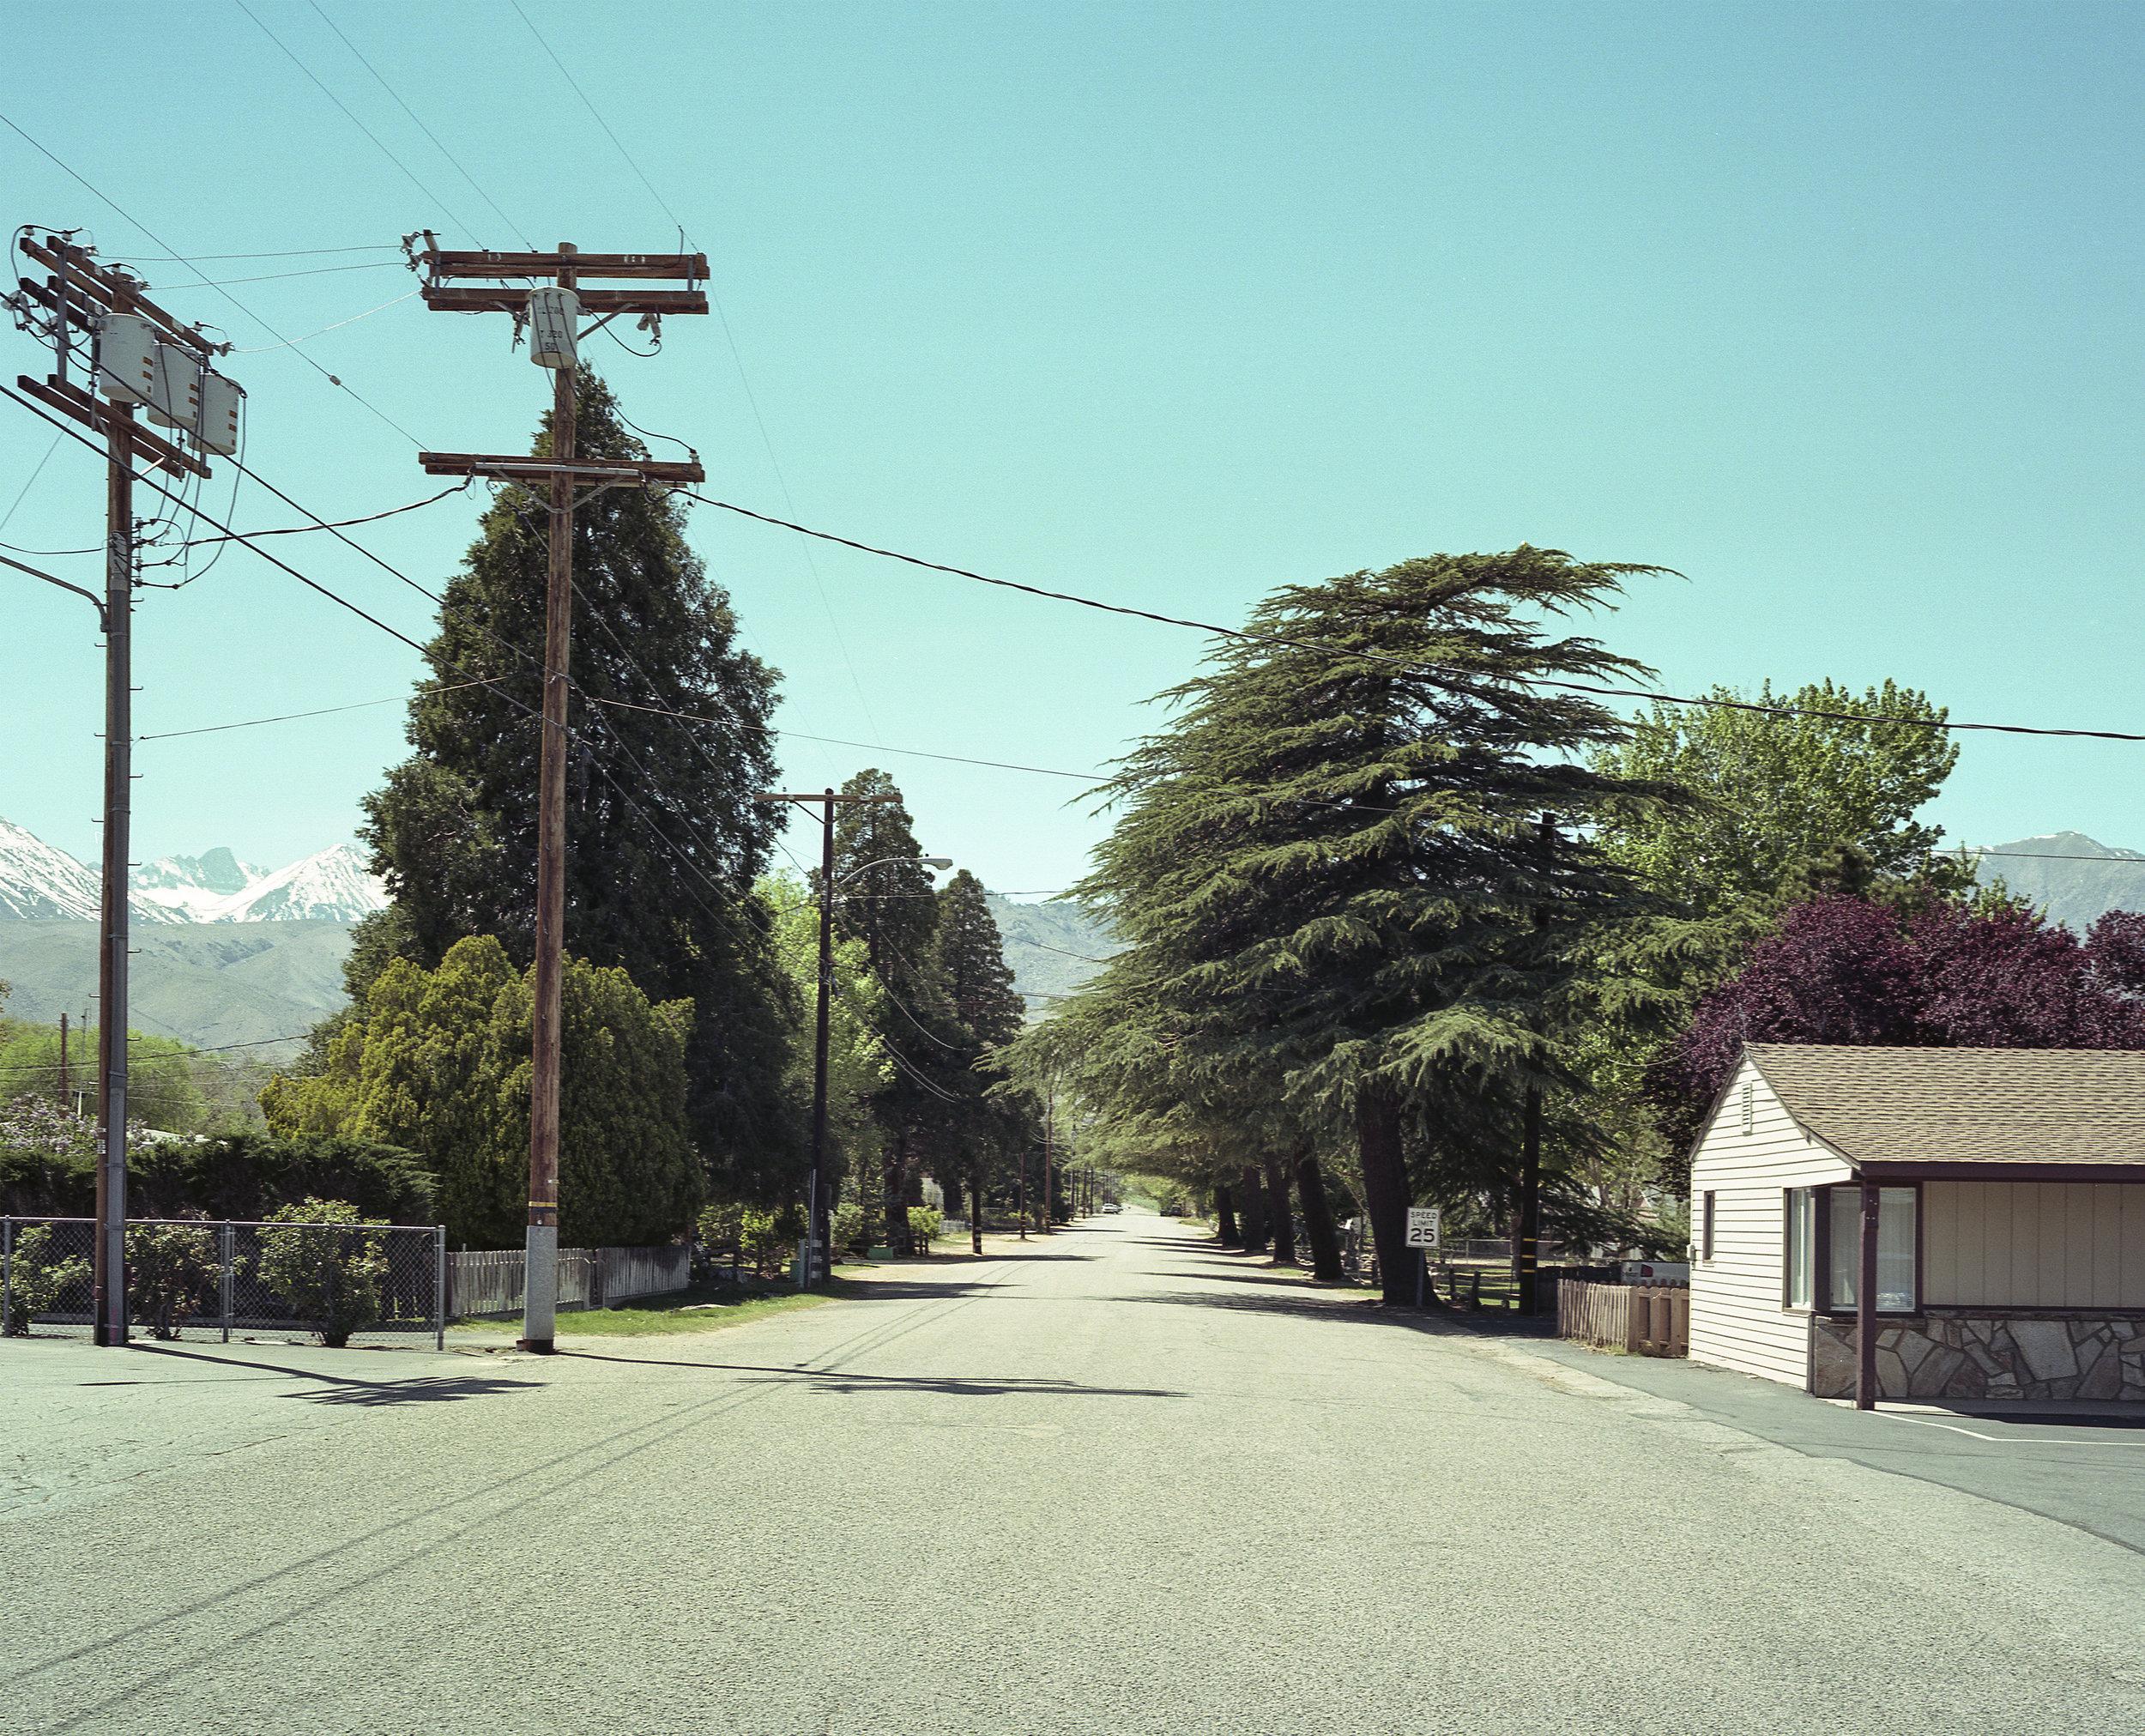 Bishop road to mountains - SQ.jpg